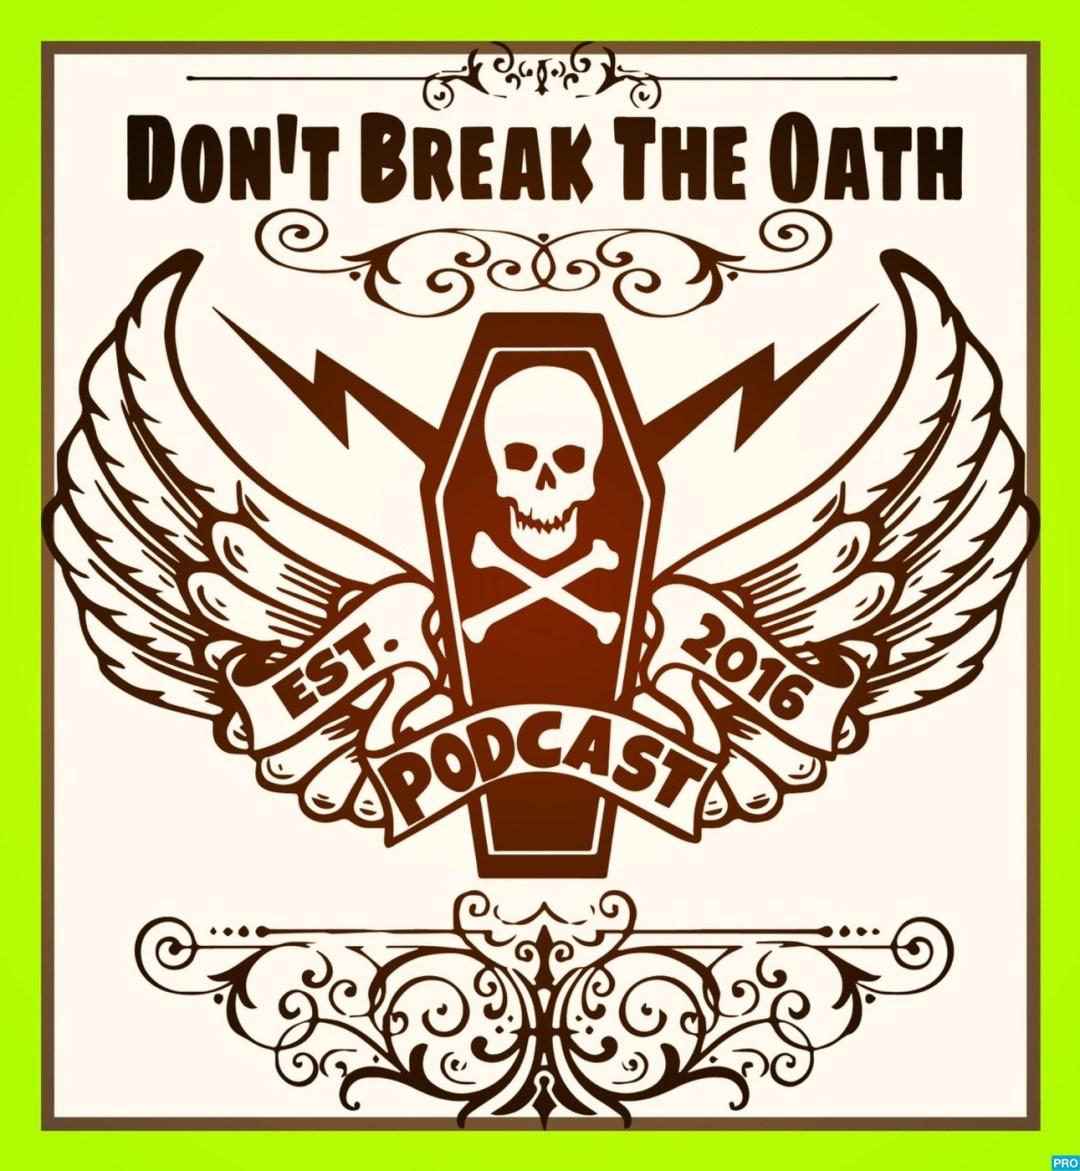 Don't break the oath